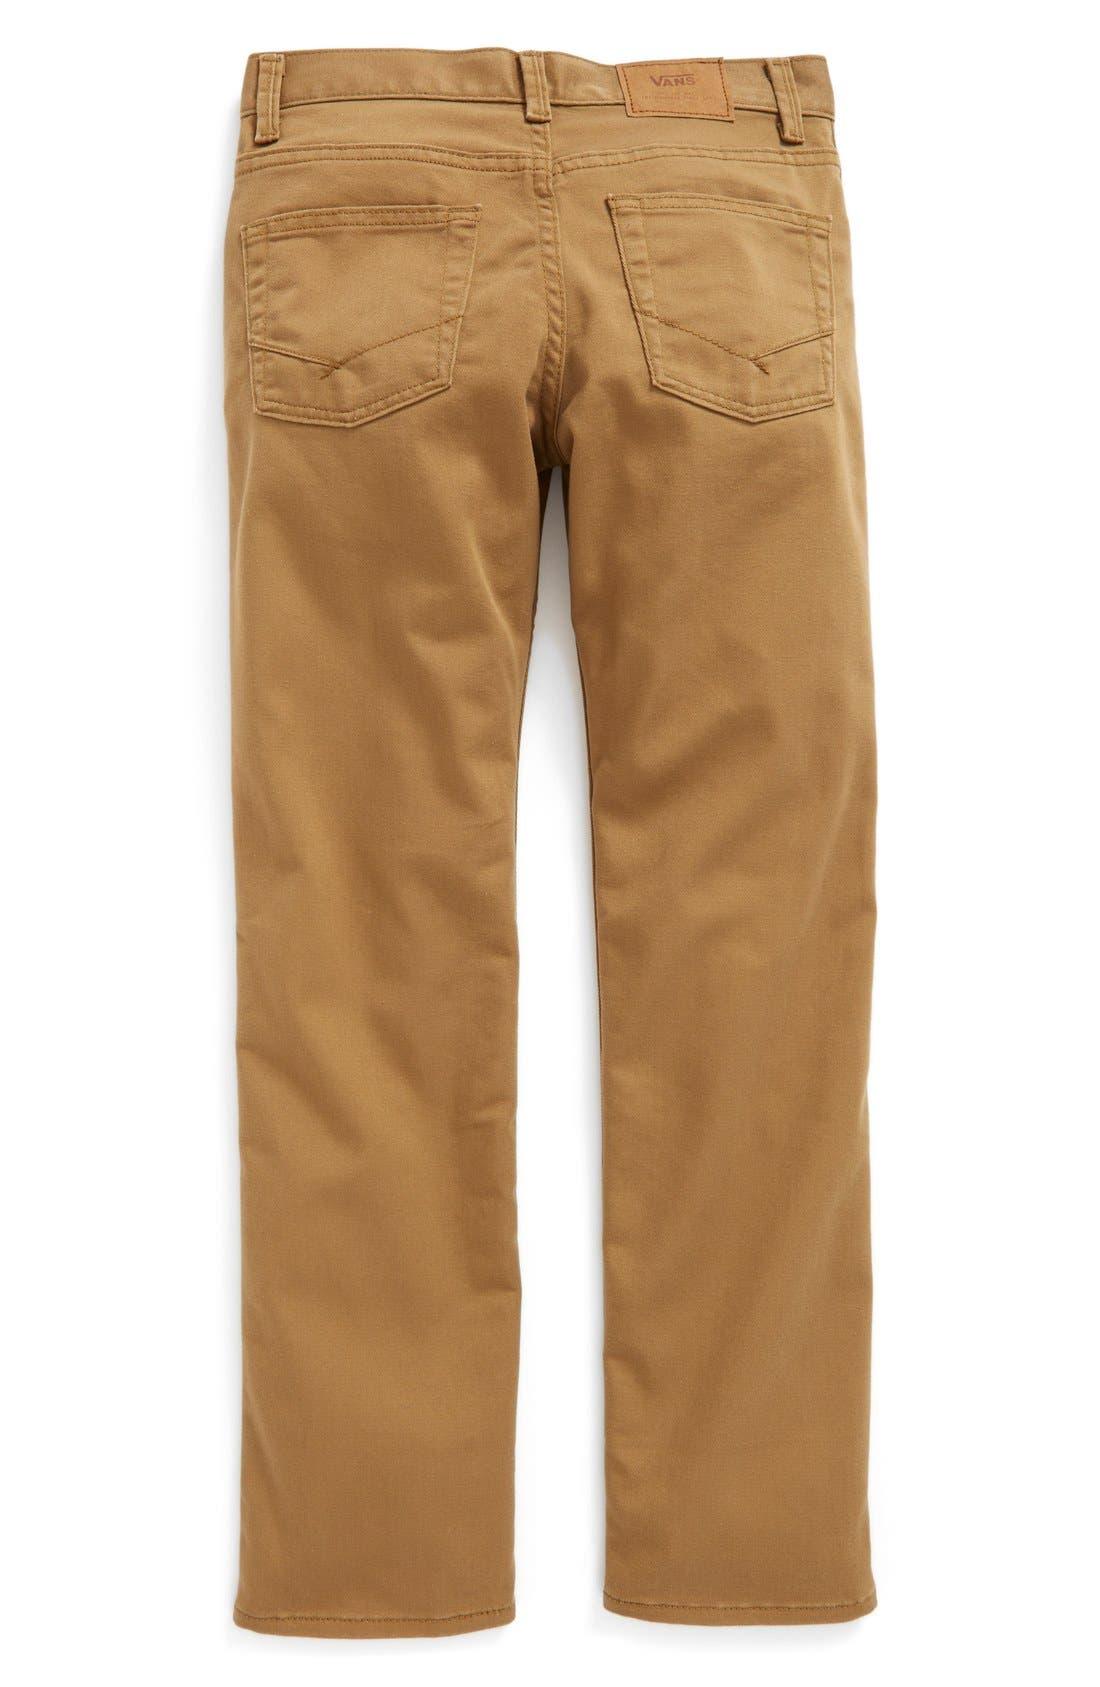 'V56 Standard AV Covina' Pants,                             Alternate thumbnail 7, color,                             DIRT